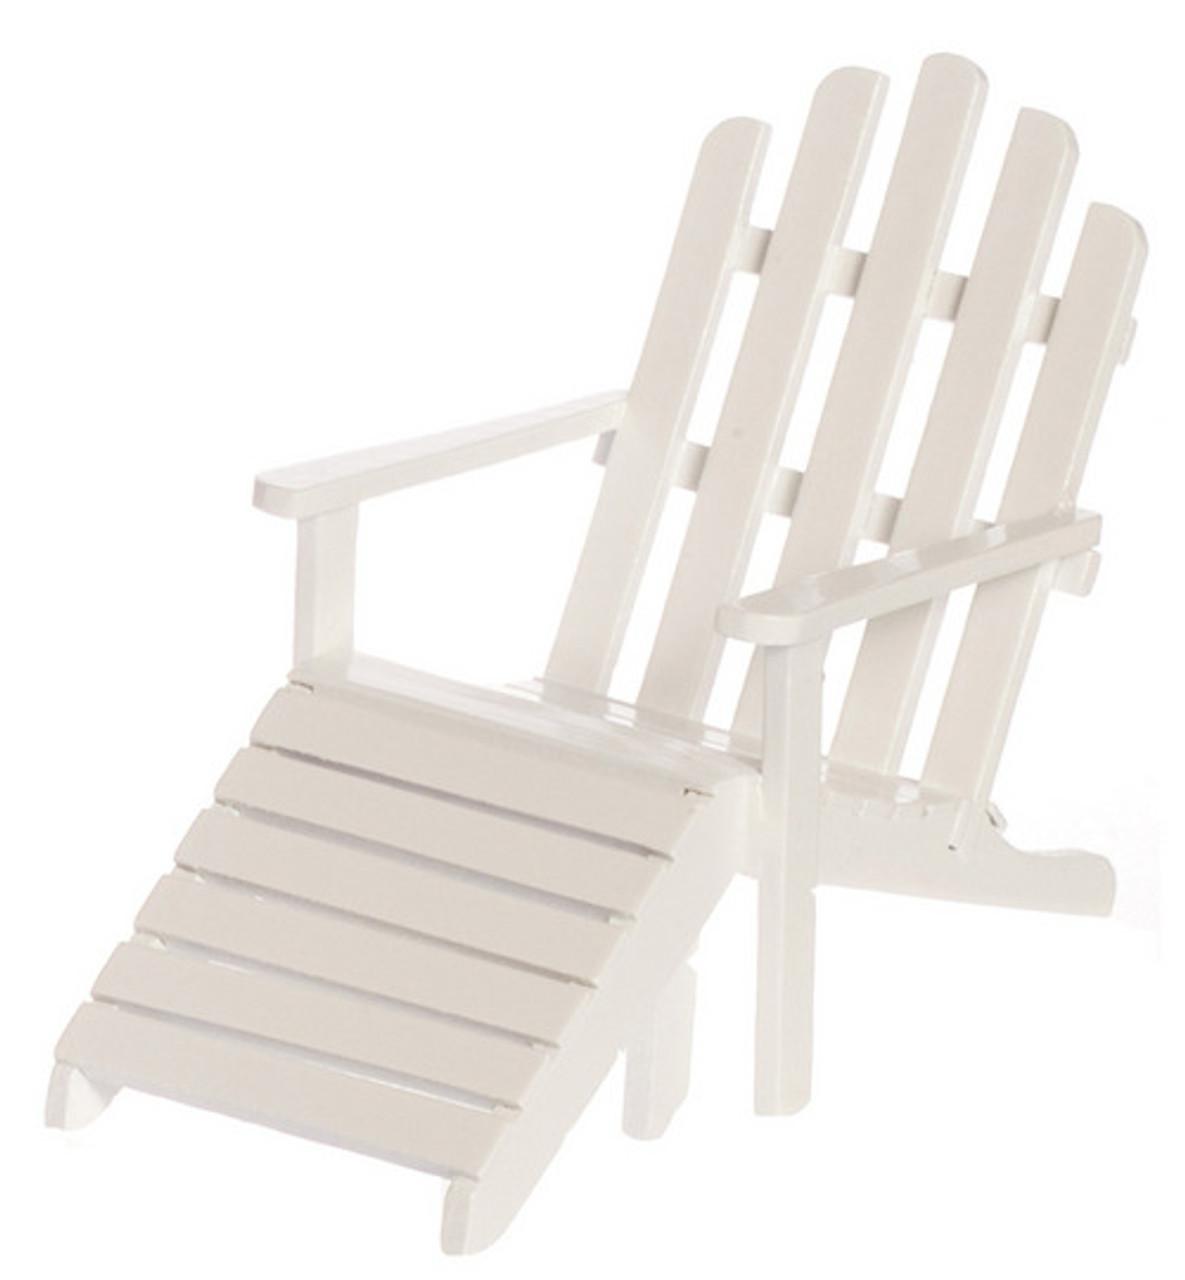 Adirondack Chair Stool - White